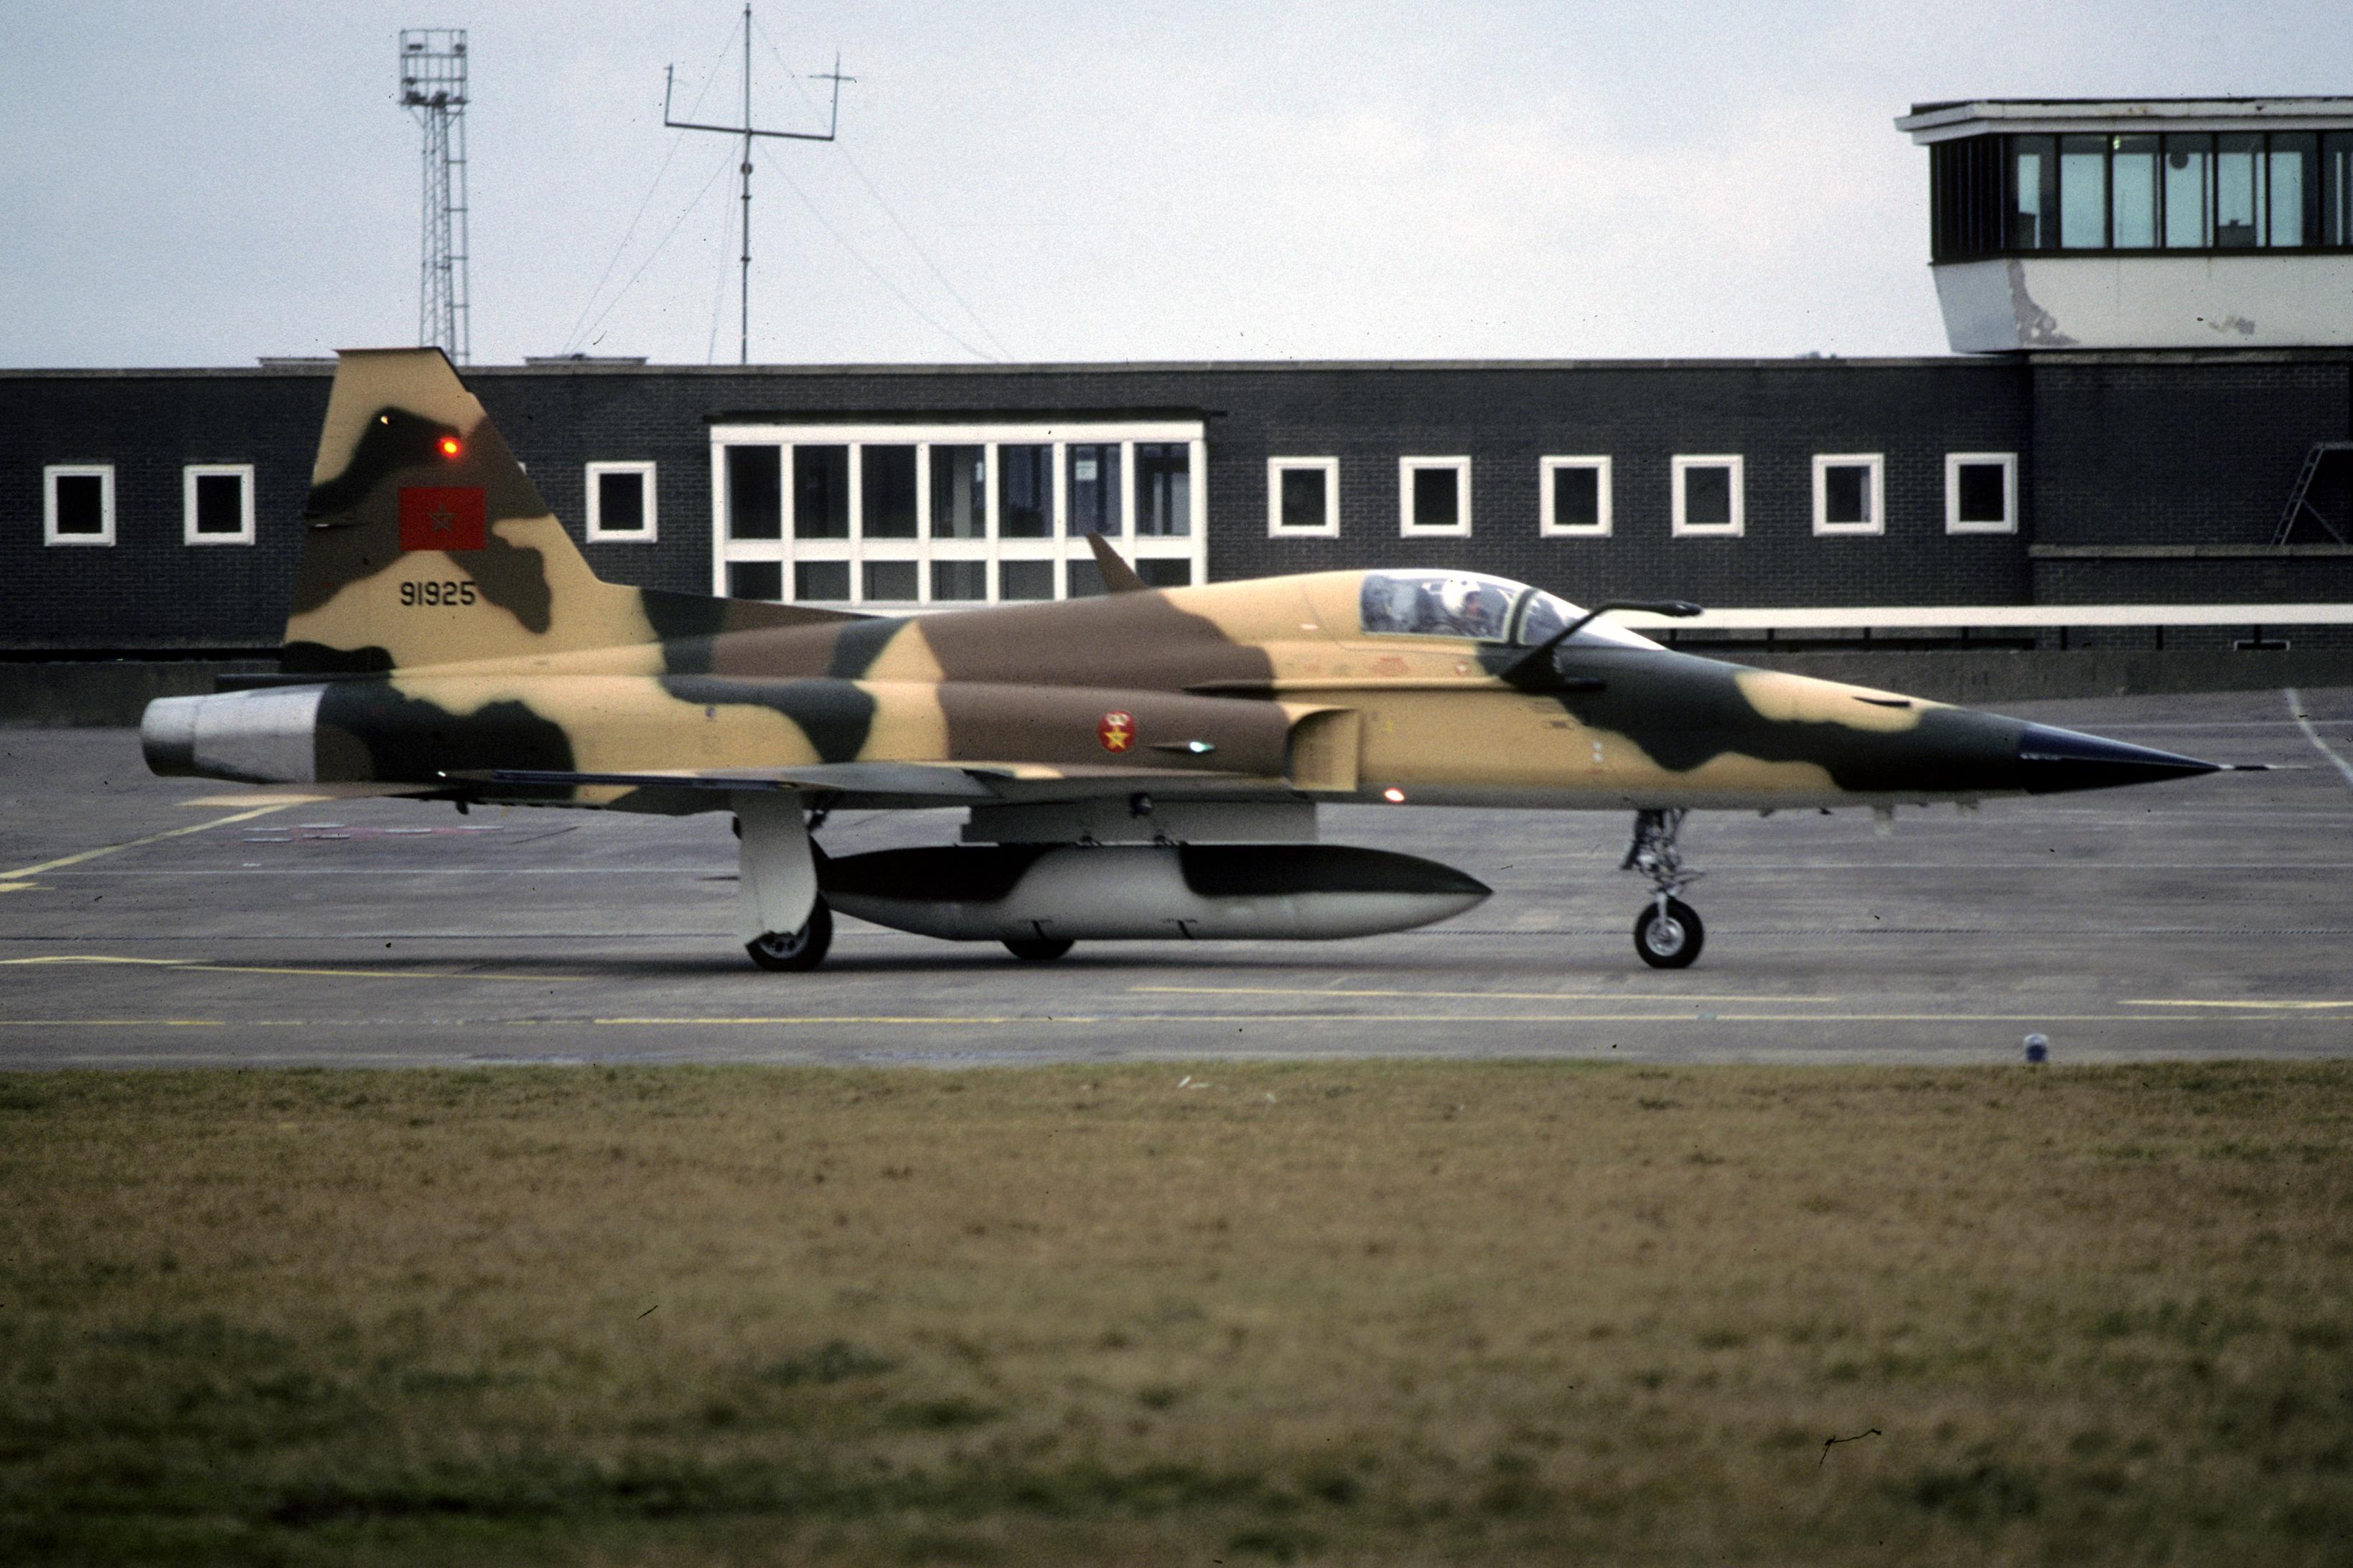 F-5A/B/E et F des FRA / RMAF Northrop F-5 Tiger III - Page 21 31901948558_39e32c73a5_o